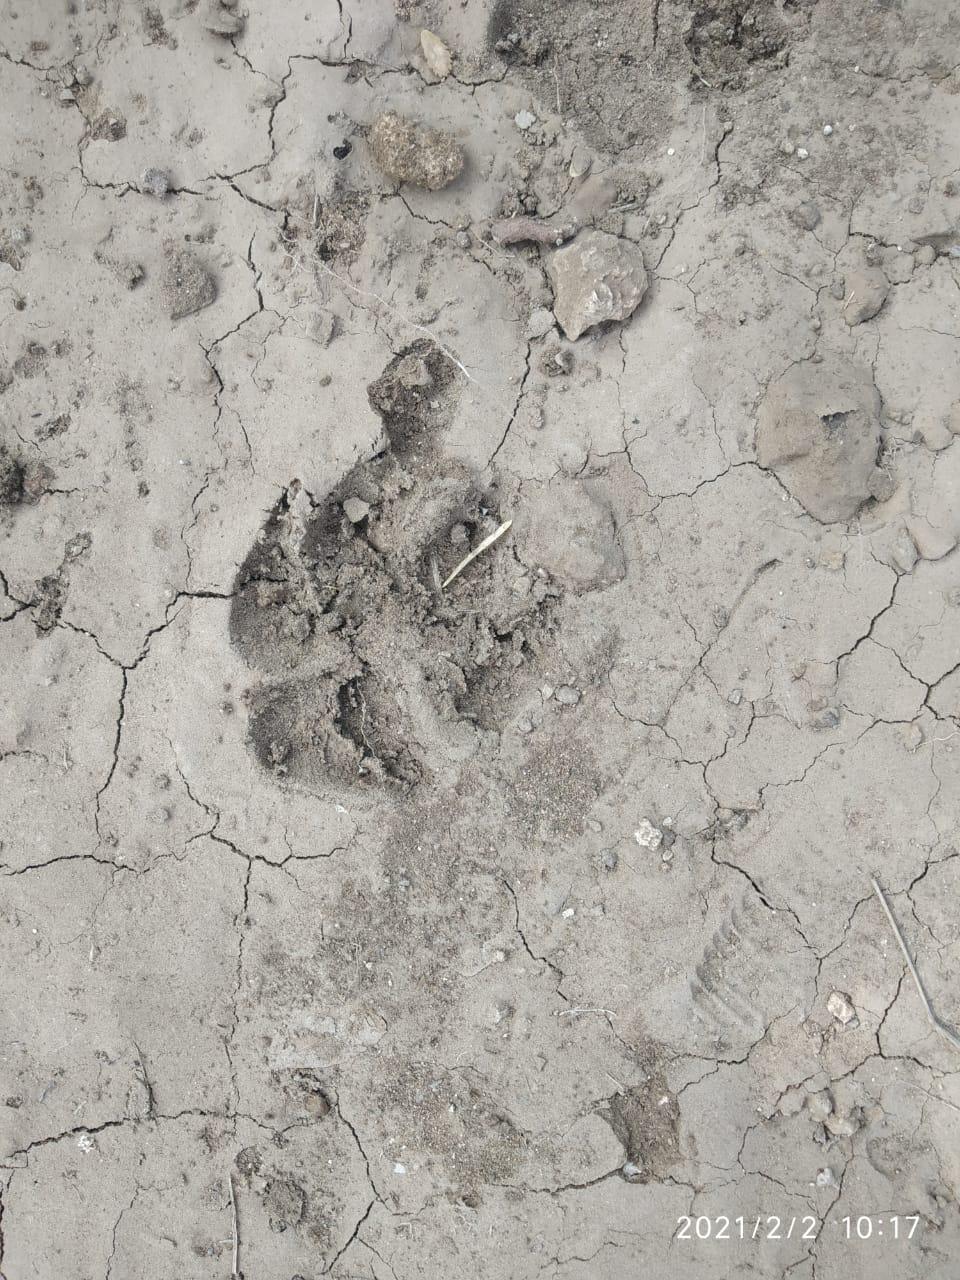 દીપડાના પગના નિશાન જમીન પર દેખાયા